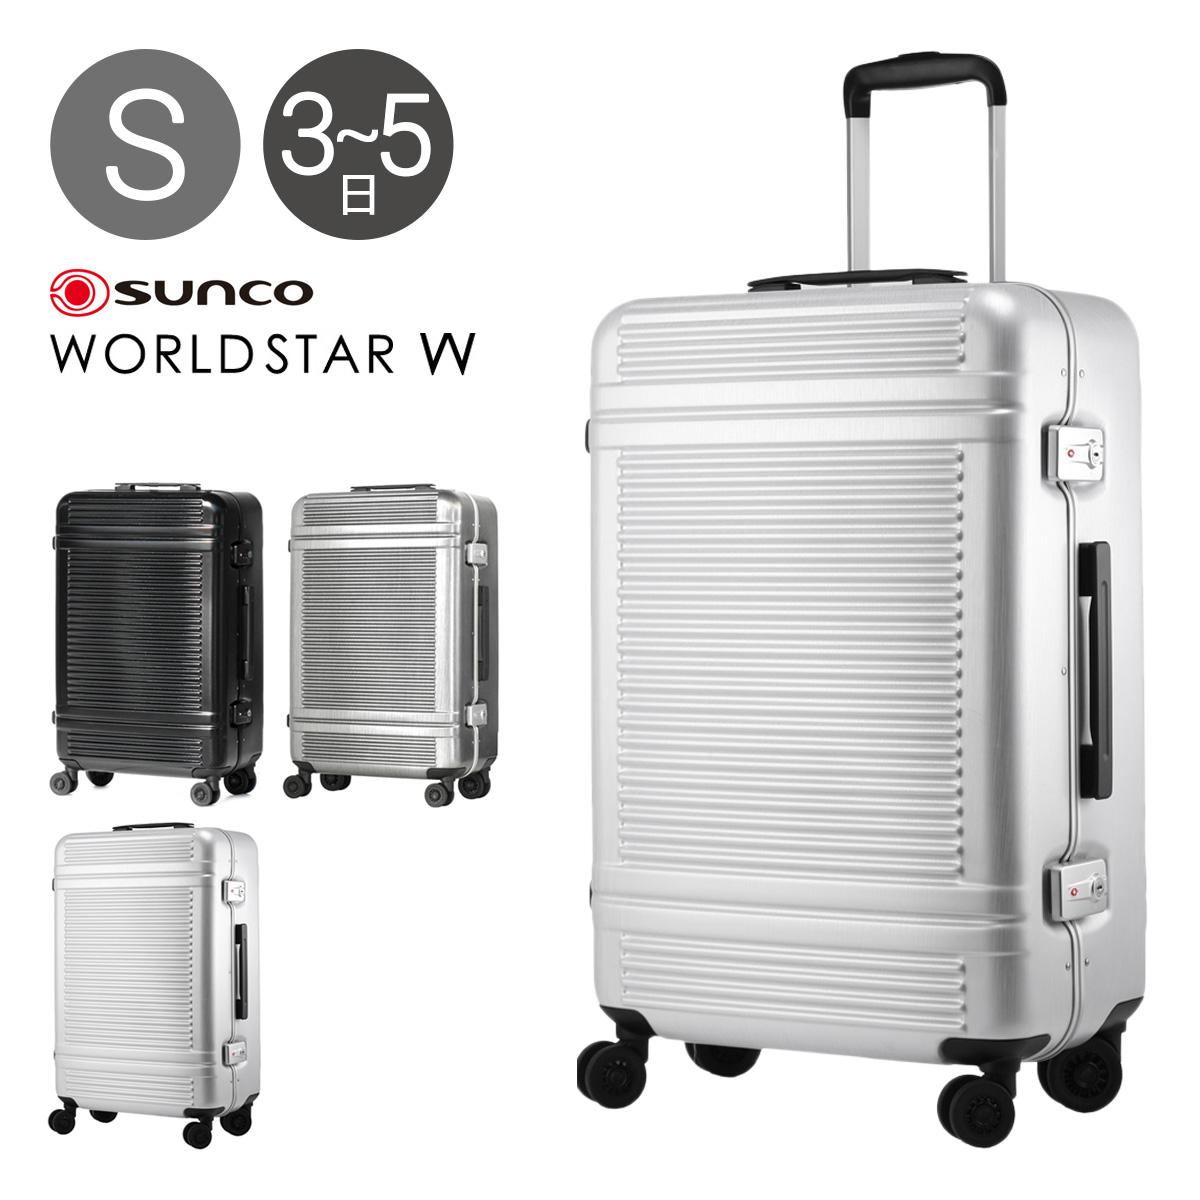 サンコー SUNCO スーツケース WSW1-60 60cm ワールドスター WORLDSTAR W キャリーケース ビジネスキャリー 軽量 TSAロック搭載 [PO10][bef][即日発送]